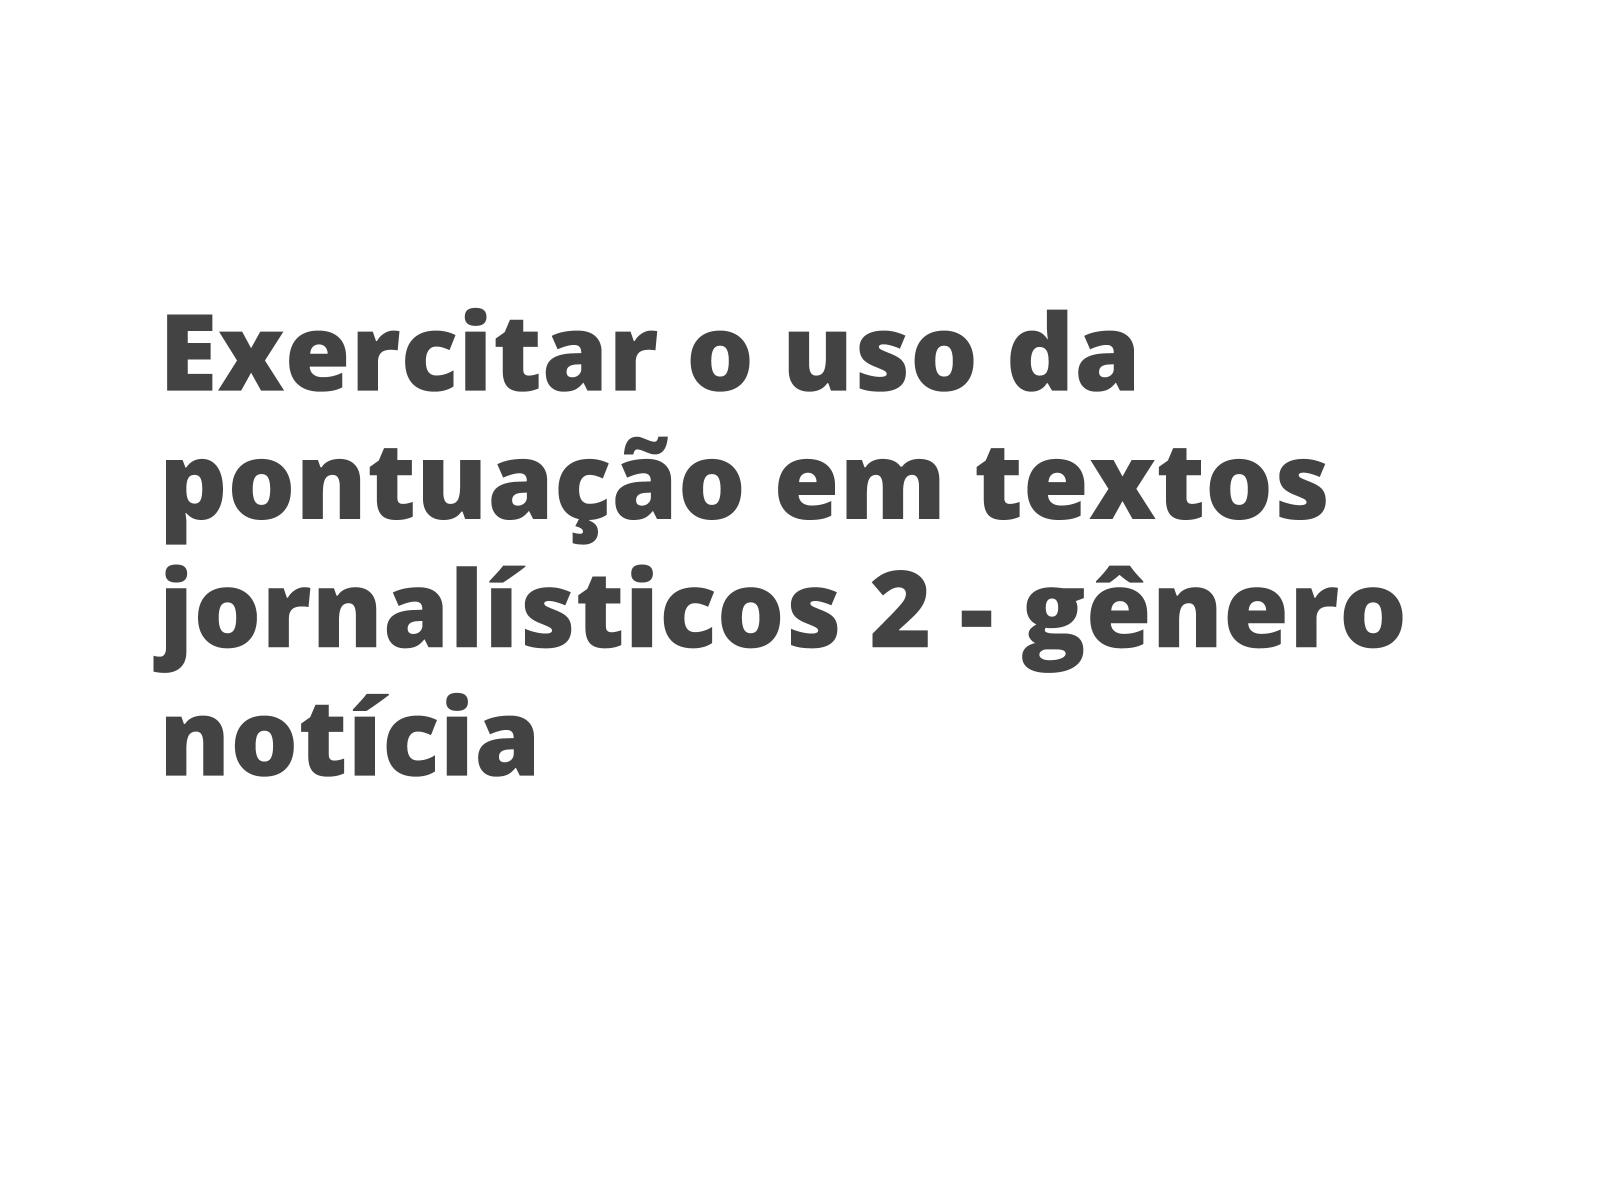 Exercitar o uso da pontuação em textos jornalísticos  2 - gênero notícia